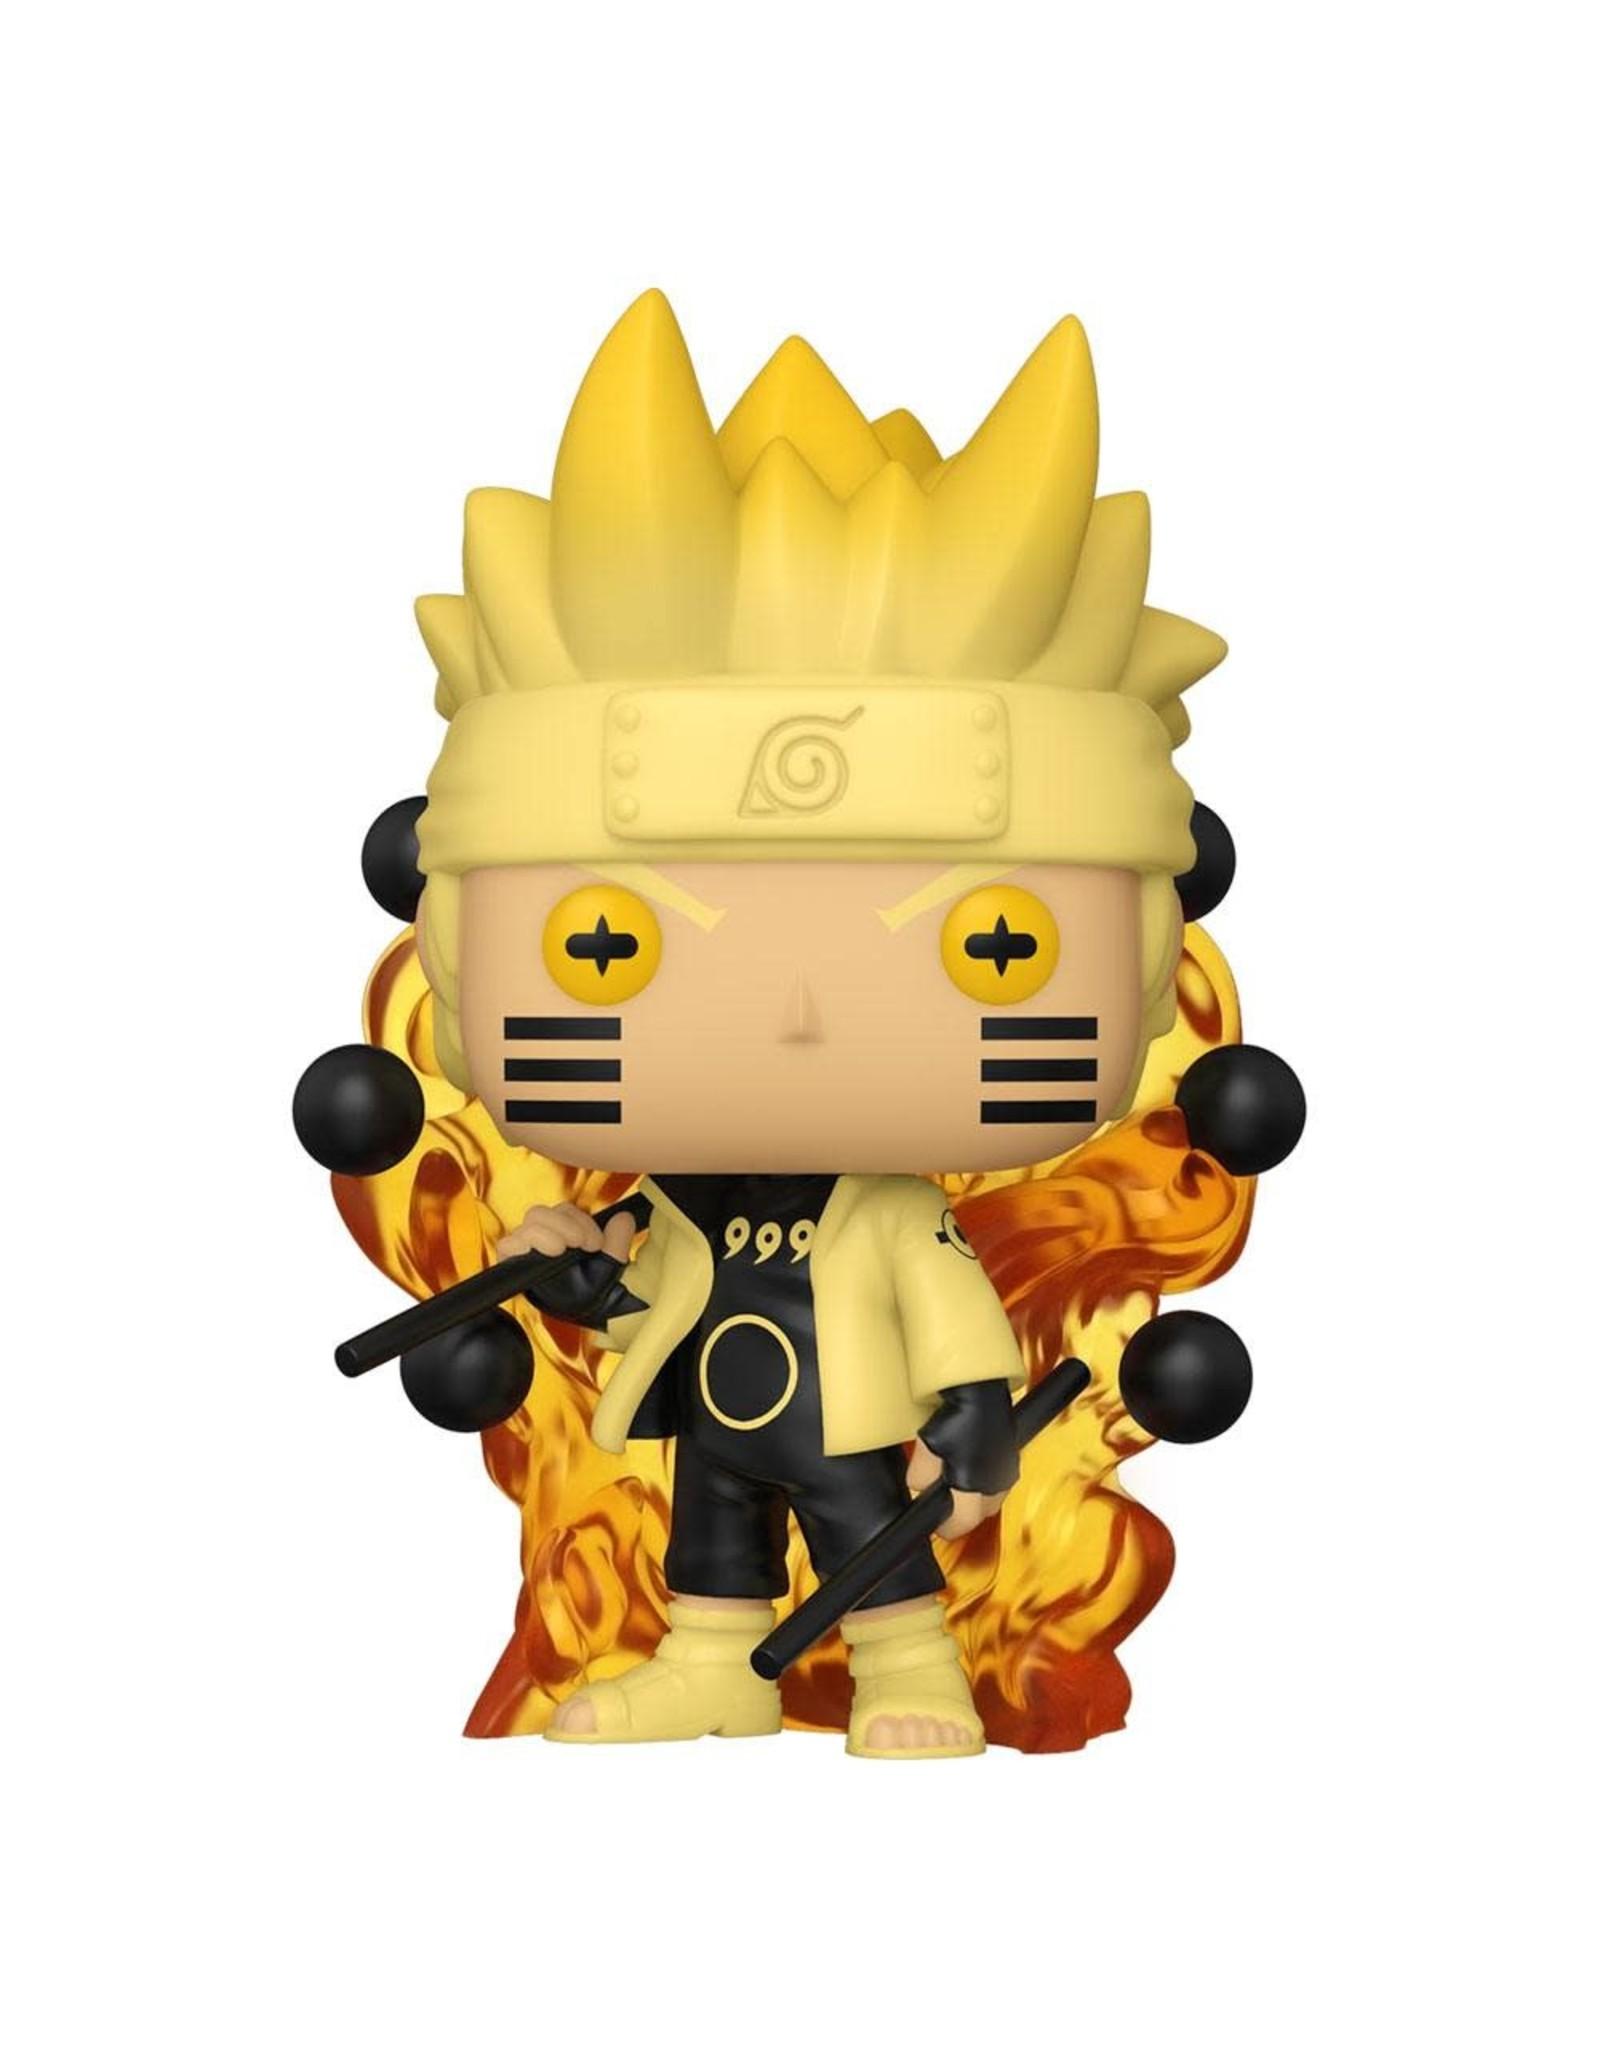 Naruto Shippuden - Naruto (Sixth Path Sage) - Funko Pop! Animation 932